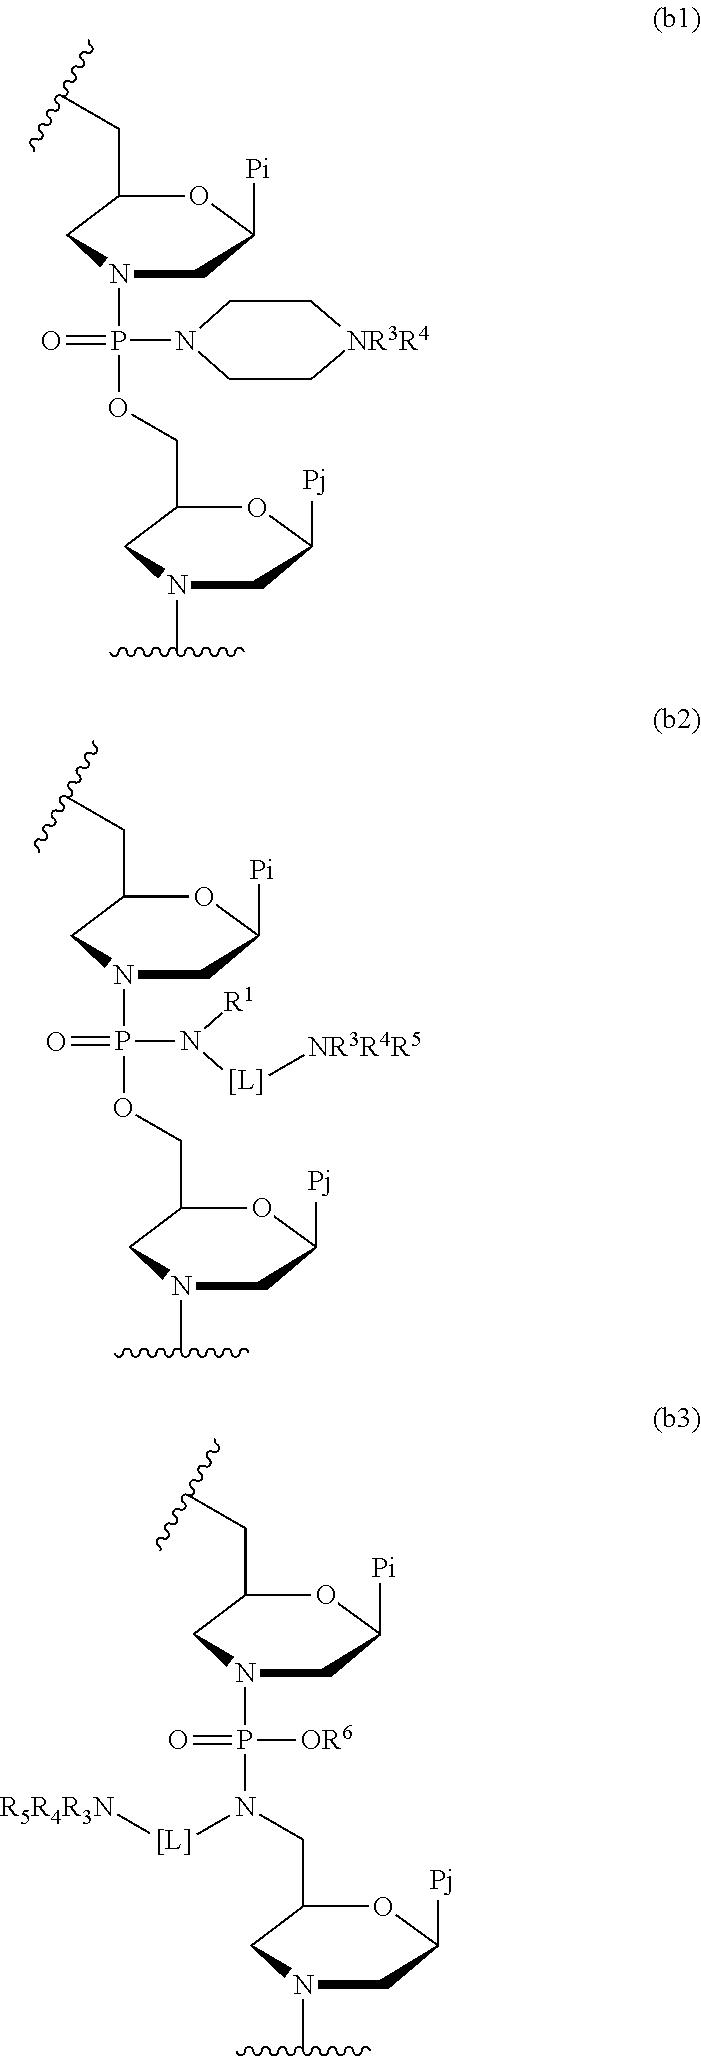 Figure US09453225-20160927-C00004